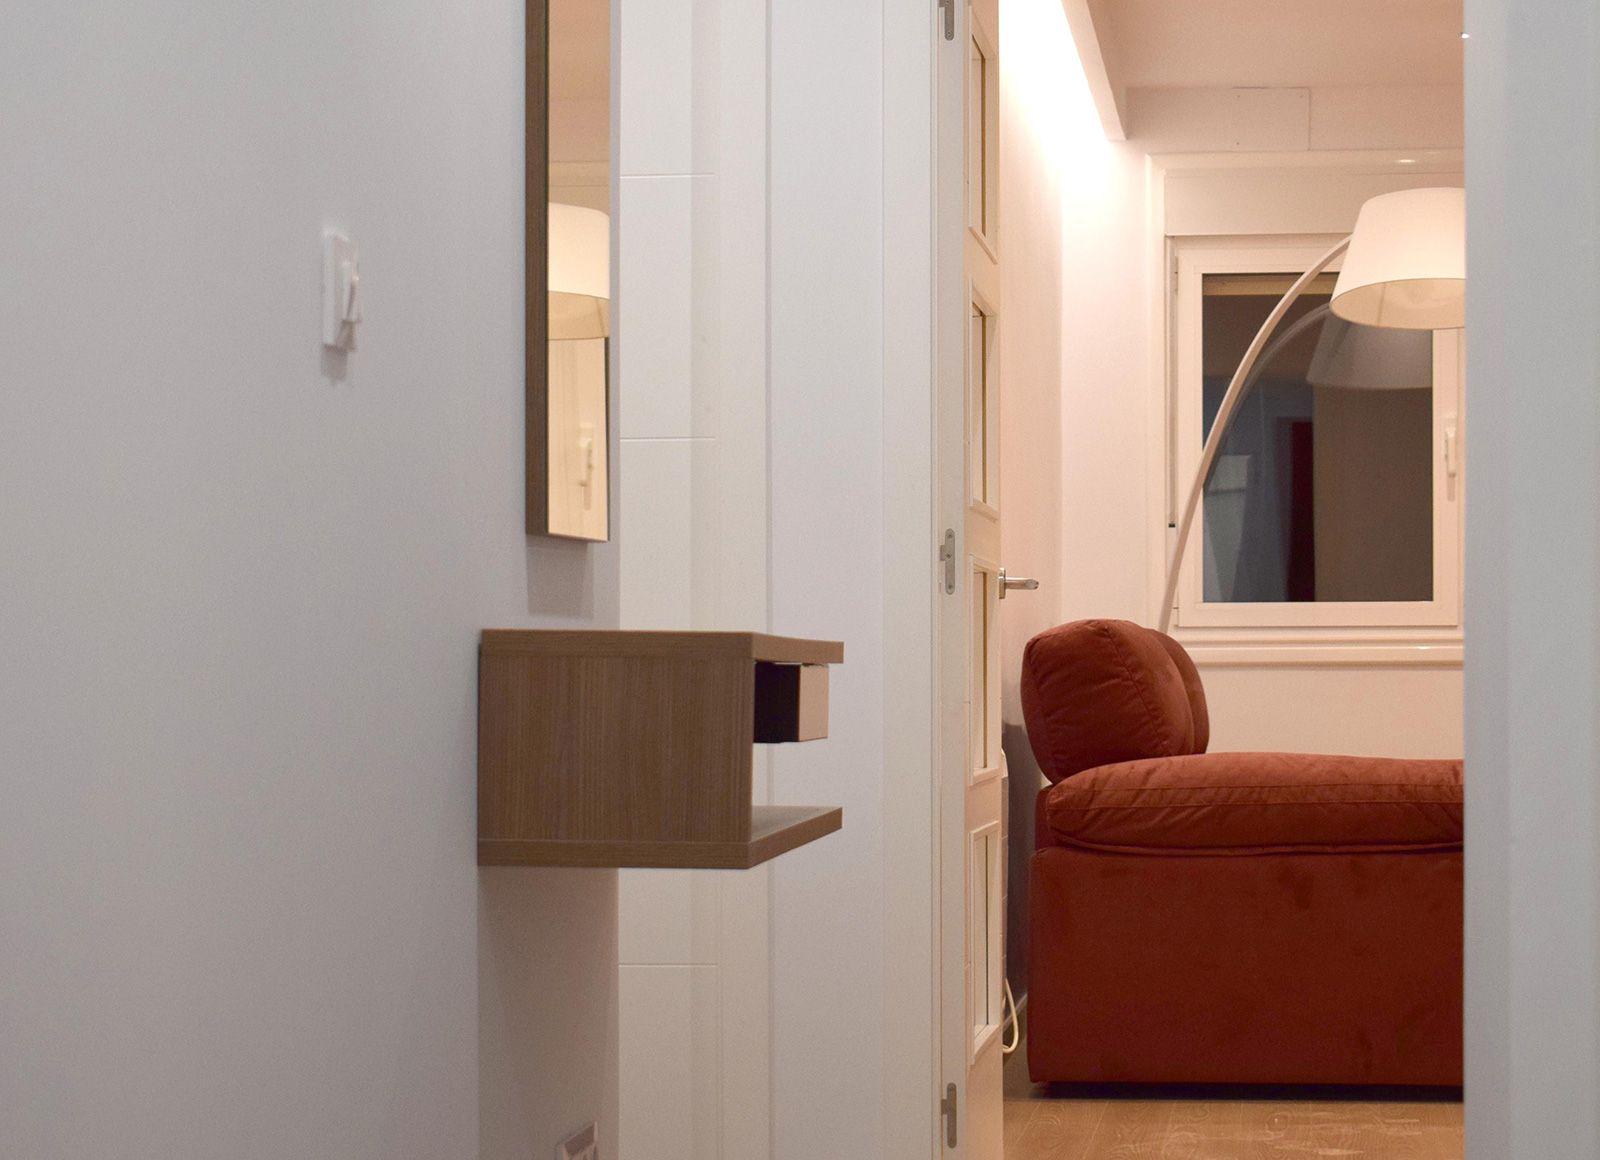 Precio del m2 en la construcción de una vivienda unifamiliar en 2018